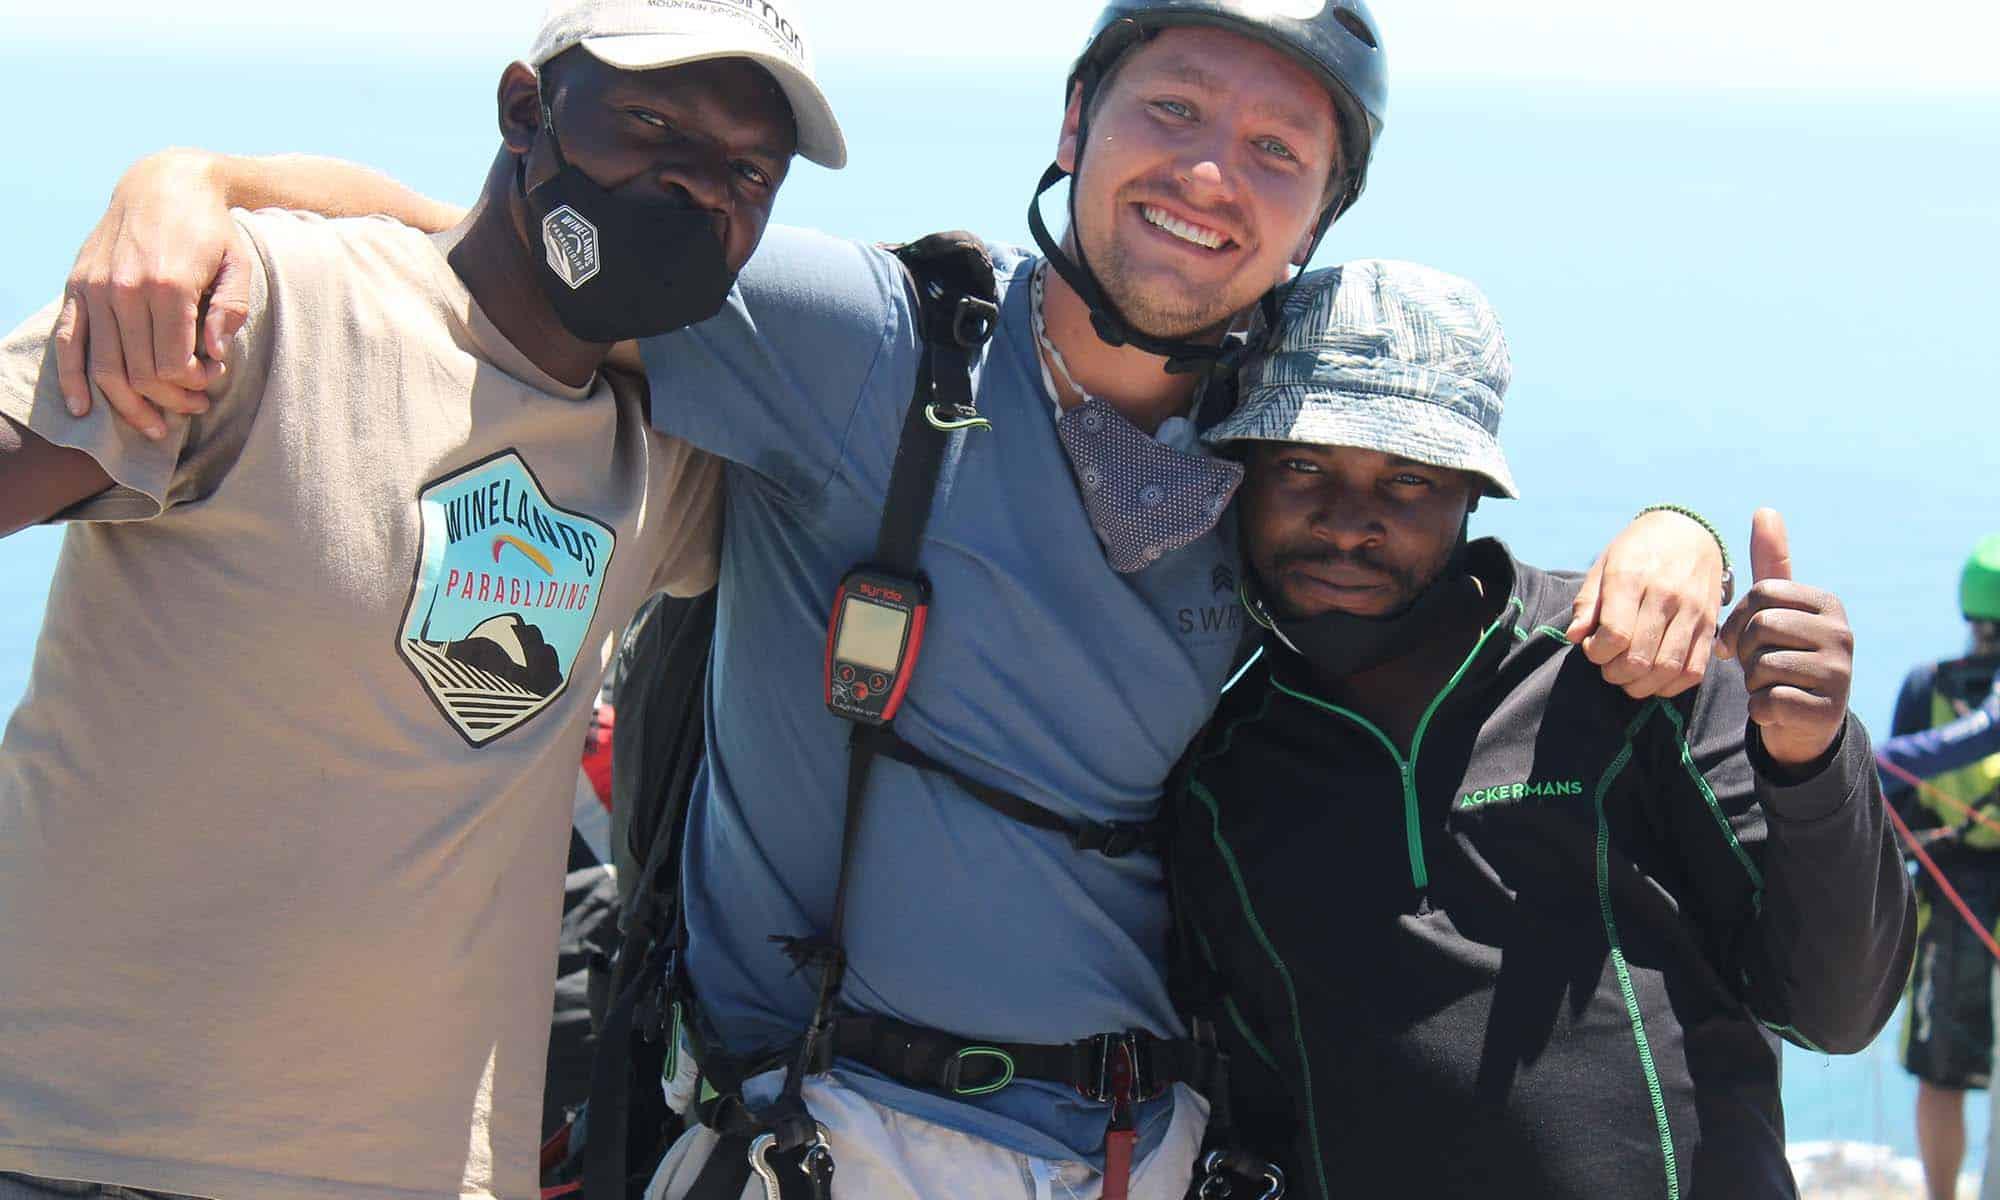 cape-hope-paragliding-31-min